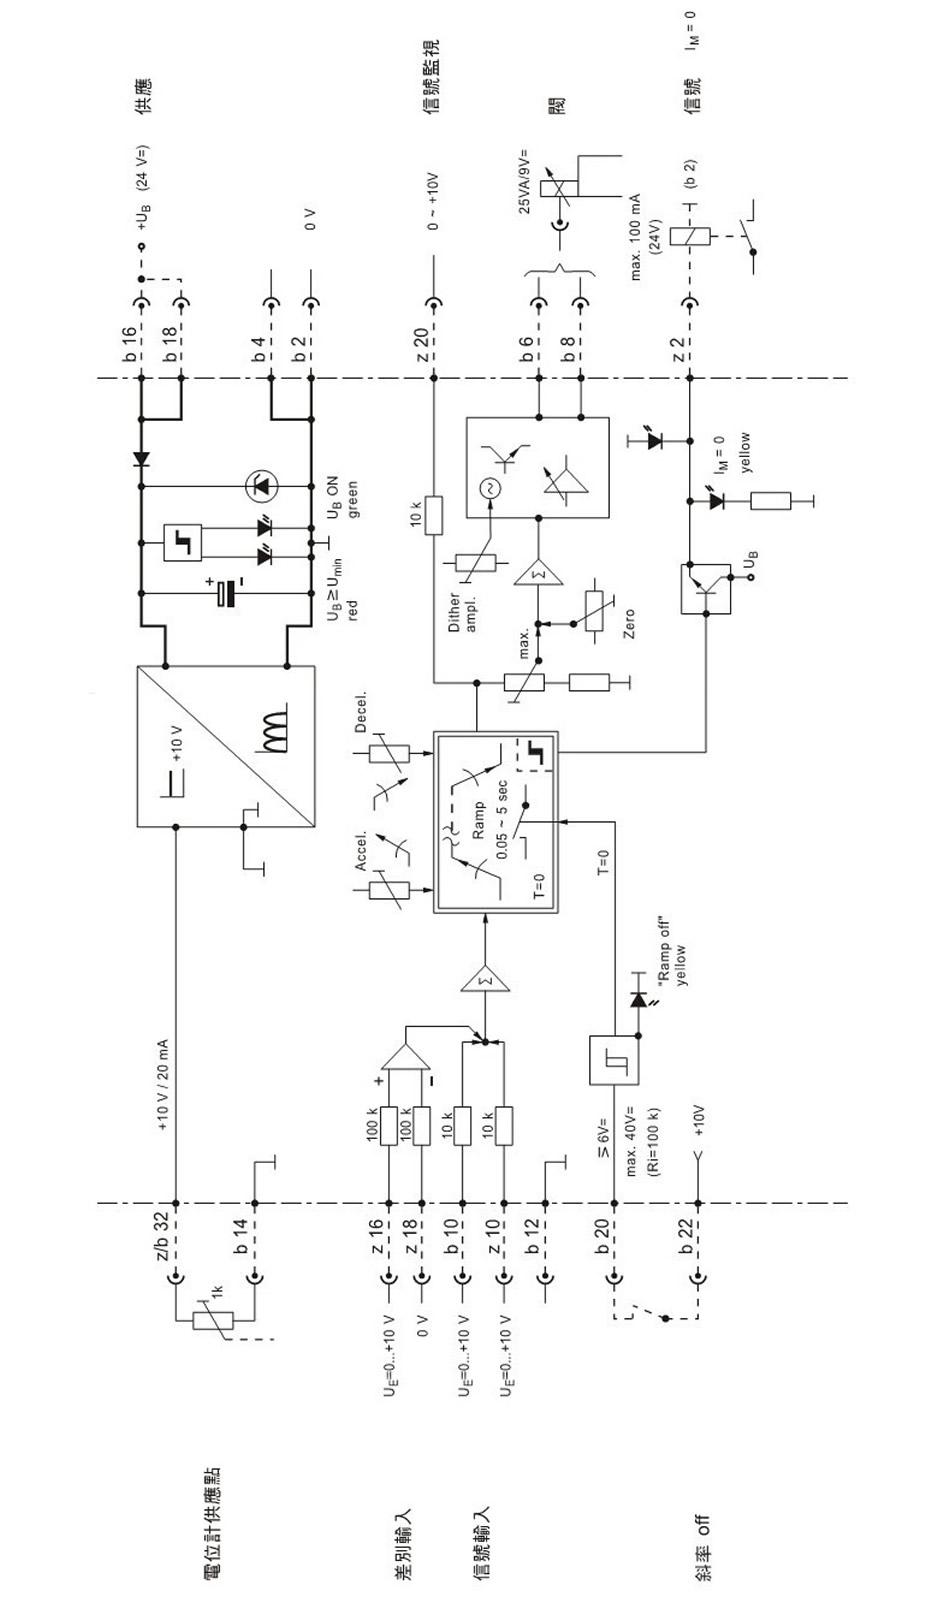 台湾东峰比例阀控制器fpe-081方块图解及端点配置图